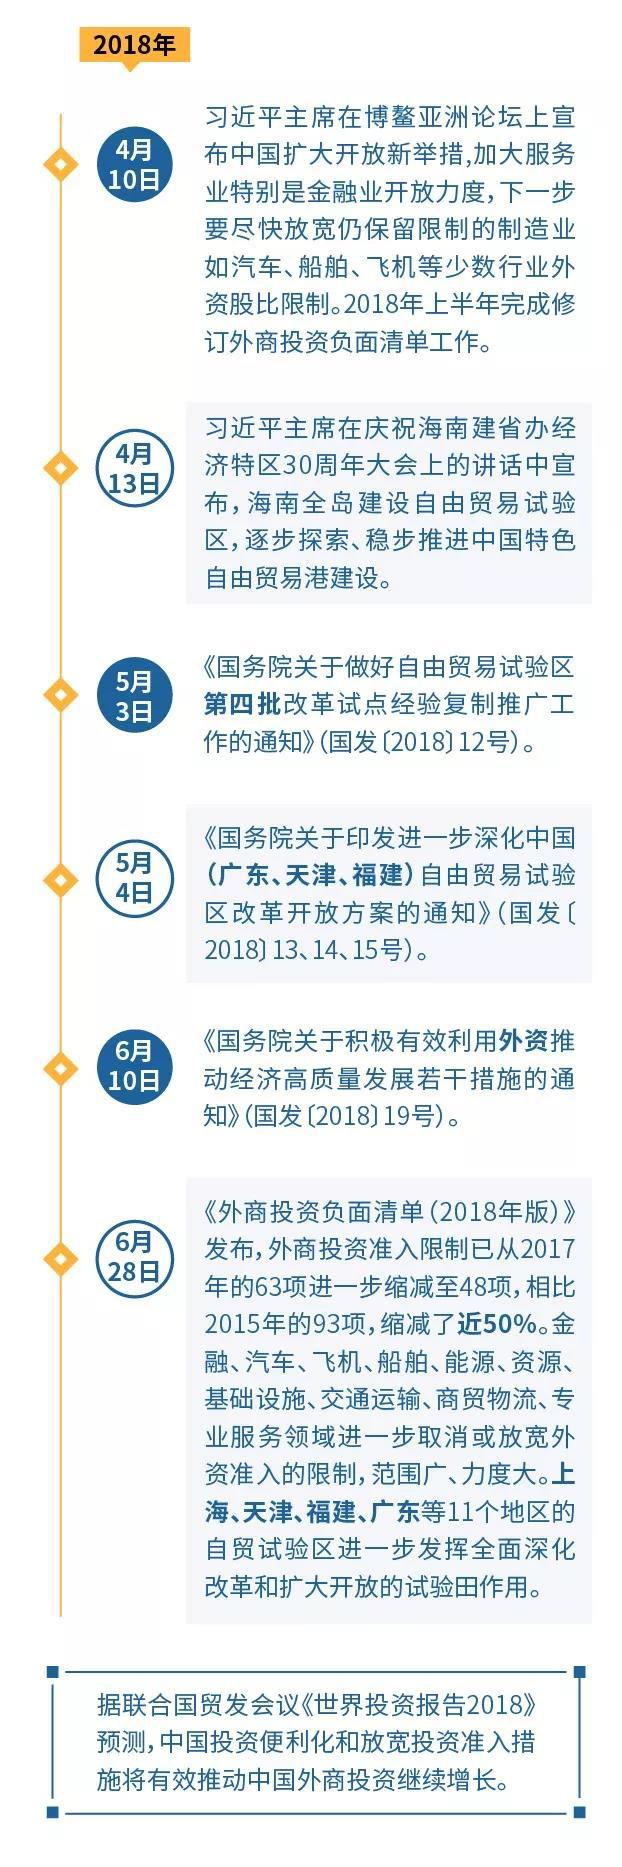 中国外商投资的规模究竟有多大?这篇报告告诉你!